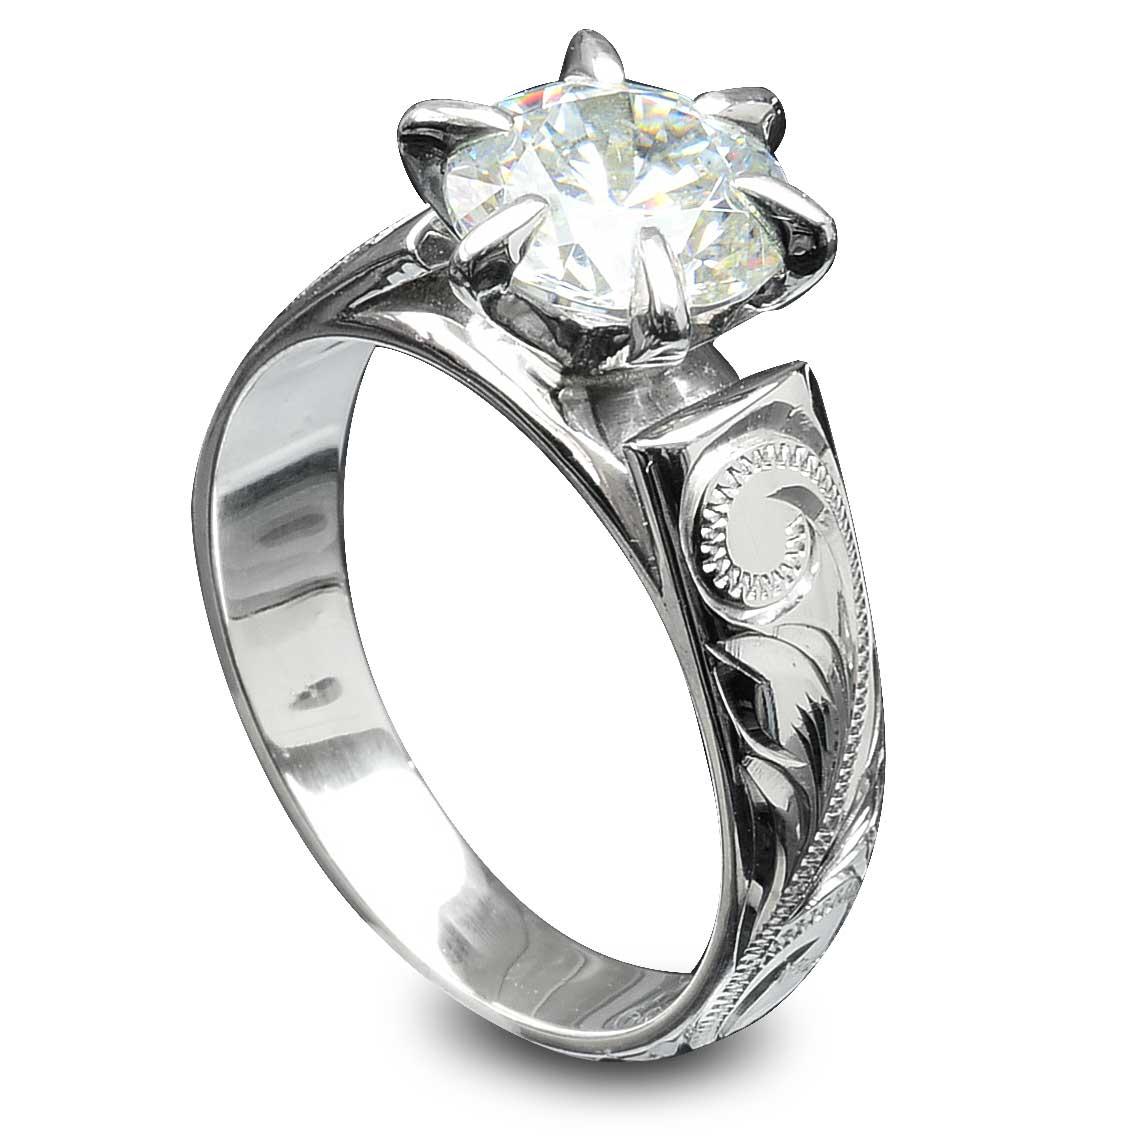 スワロフスキー リング 指輪 ハワイアンジュエリー アクセサリー レディース 女性 大粒 ビジュー 一粒 スワロフスキーCZダイヤ(キュービック ジルコニア ) ひと粒 フレンチマウント シルバーリング ari1229